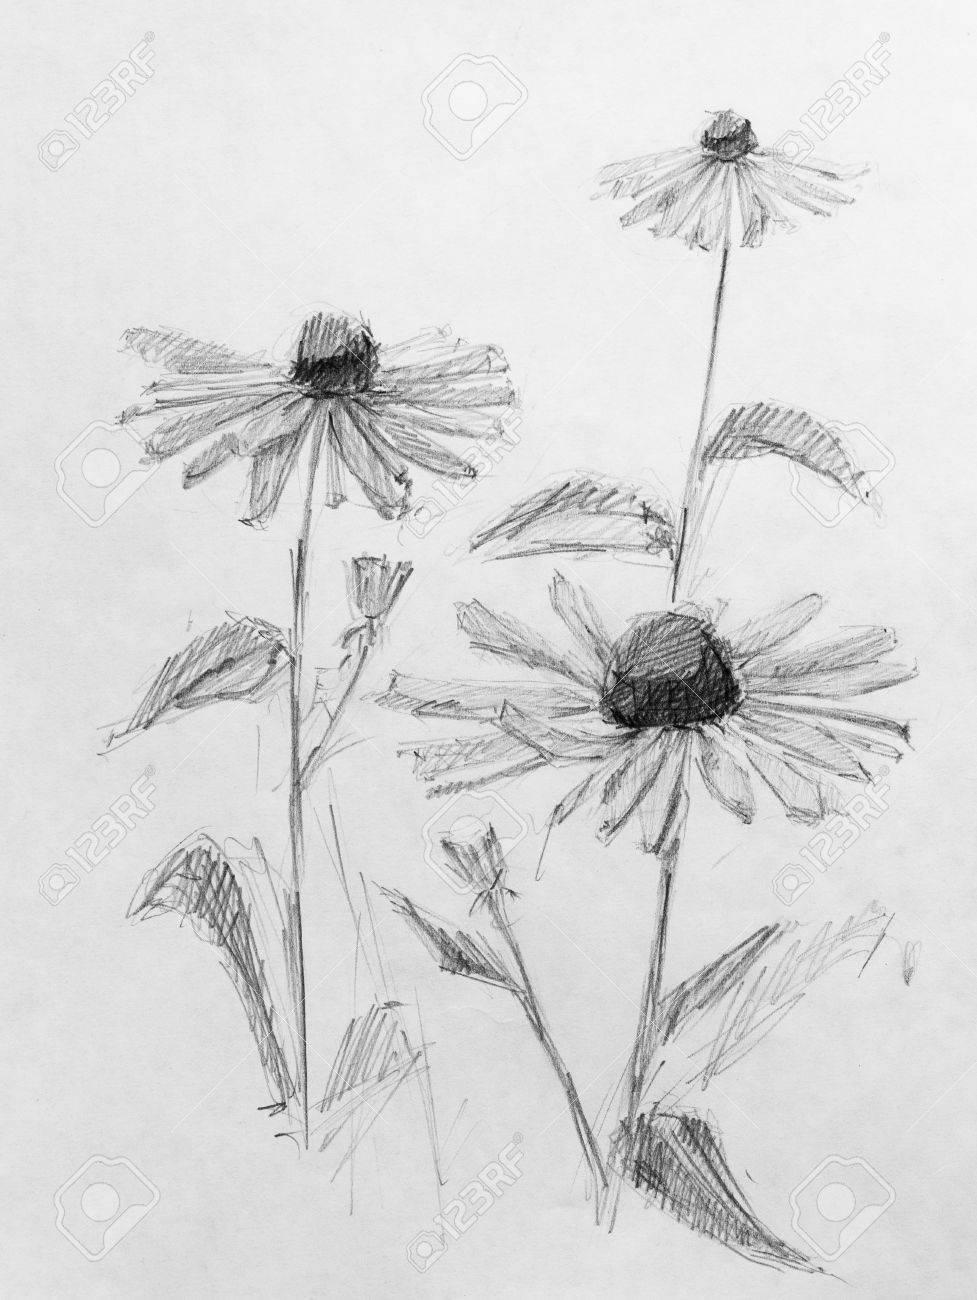 Flores Dibujo A Lápiz Fotos Retratos Imágenes Y Fotografía De